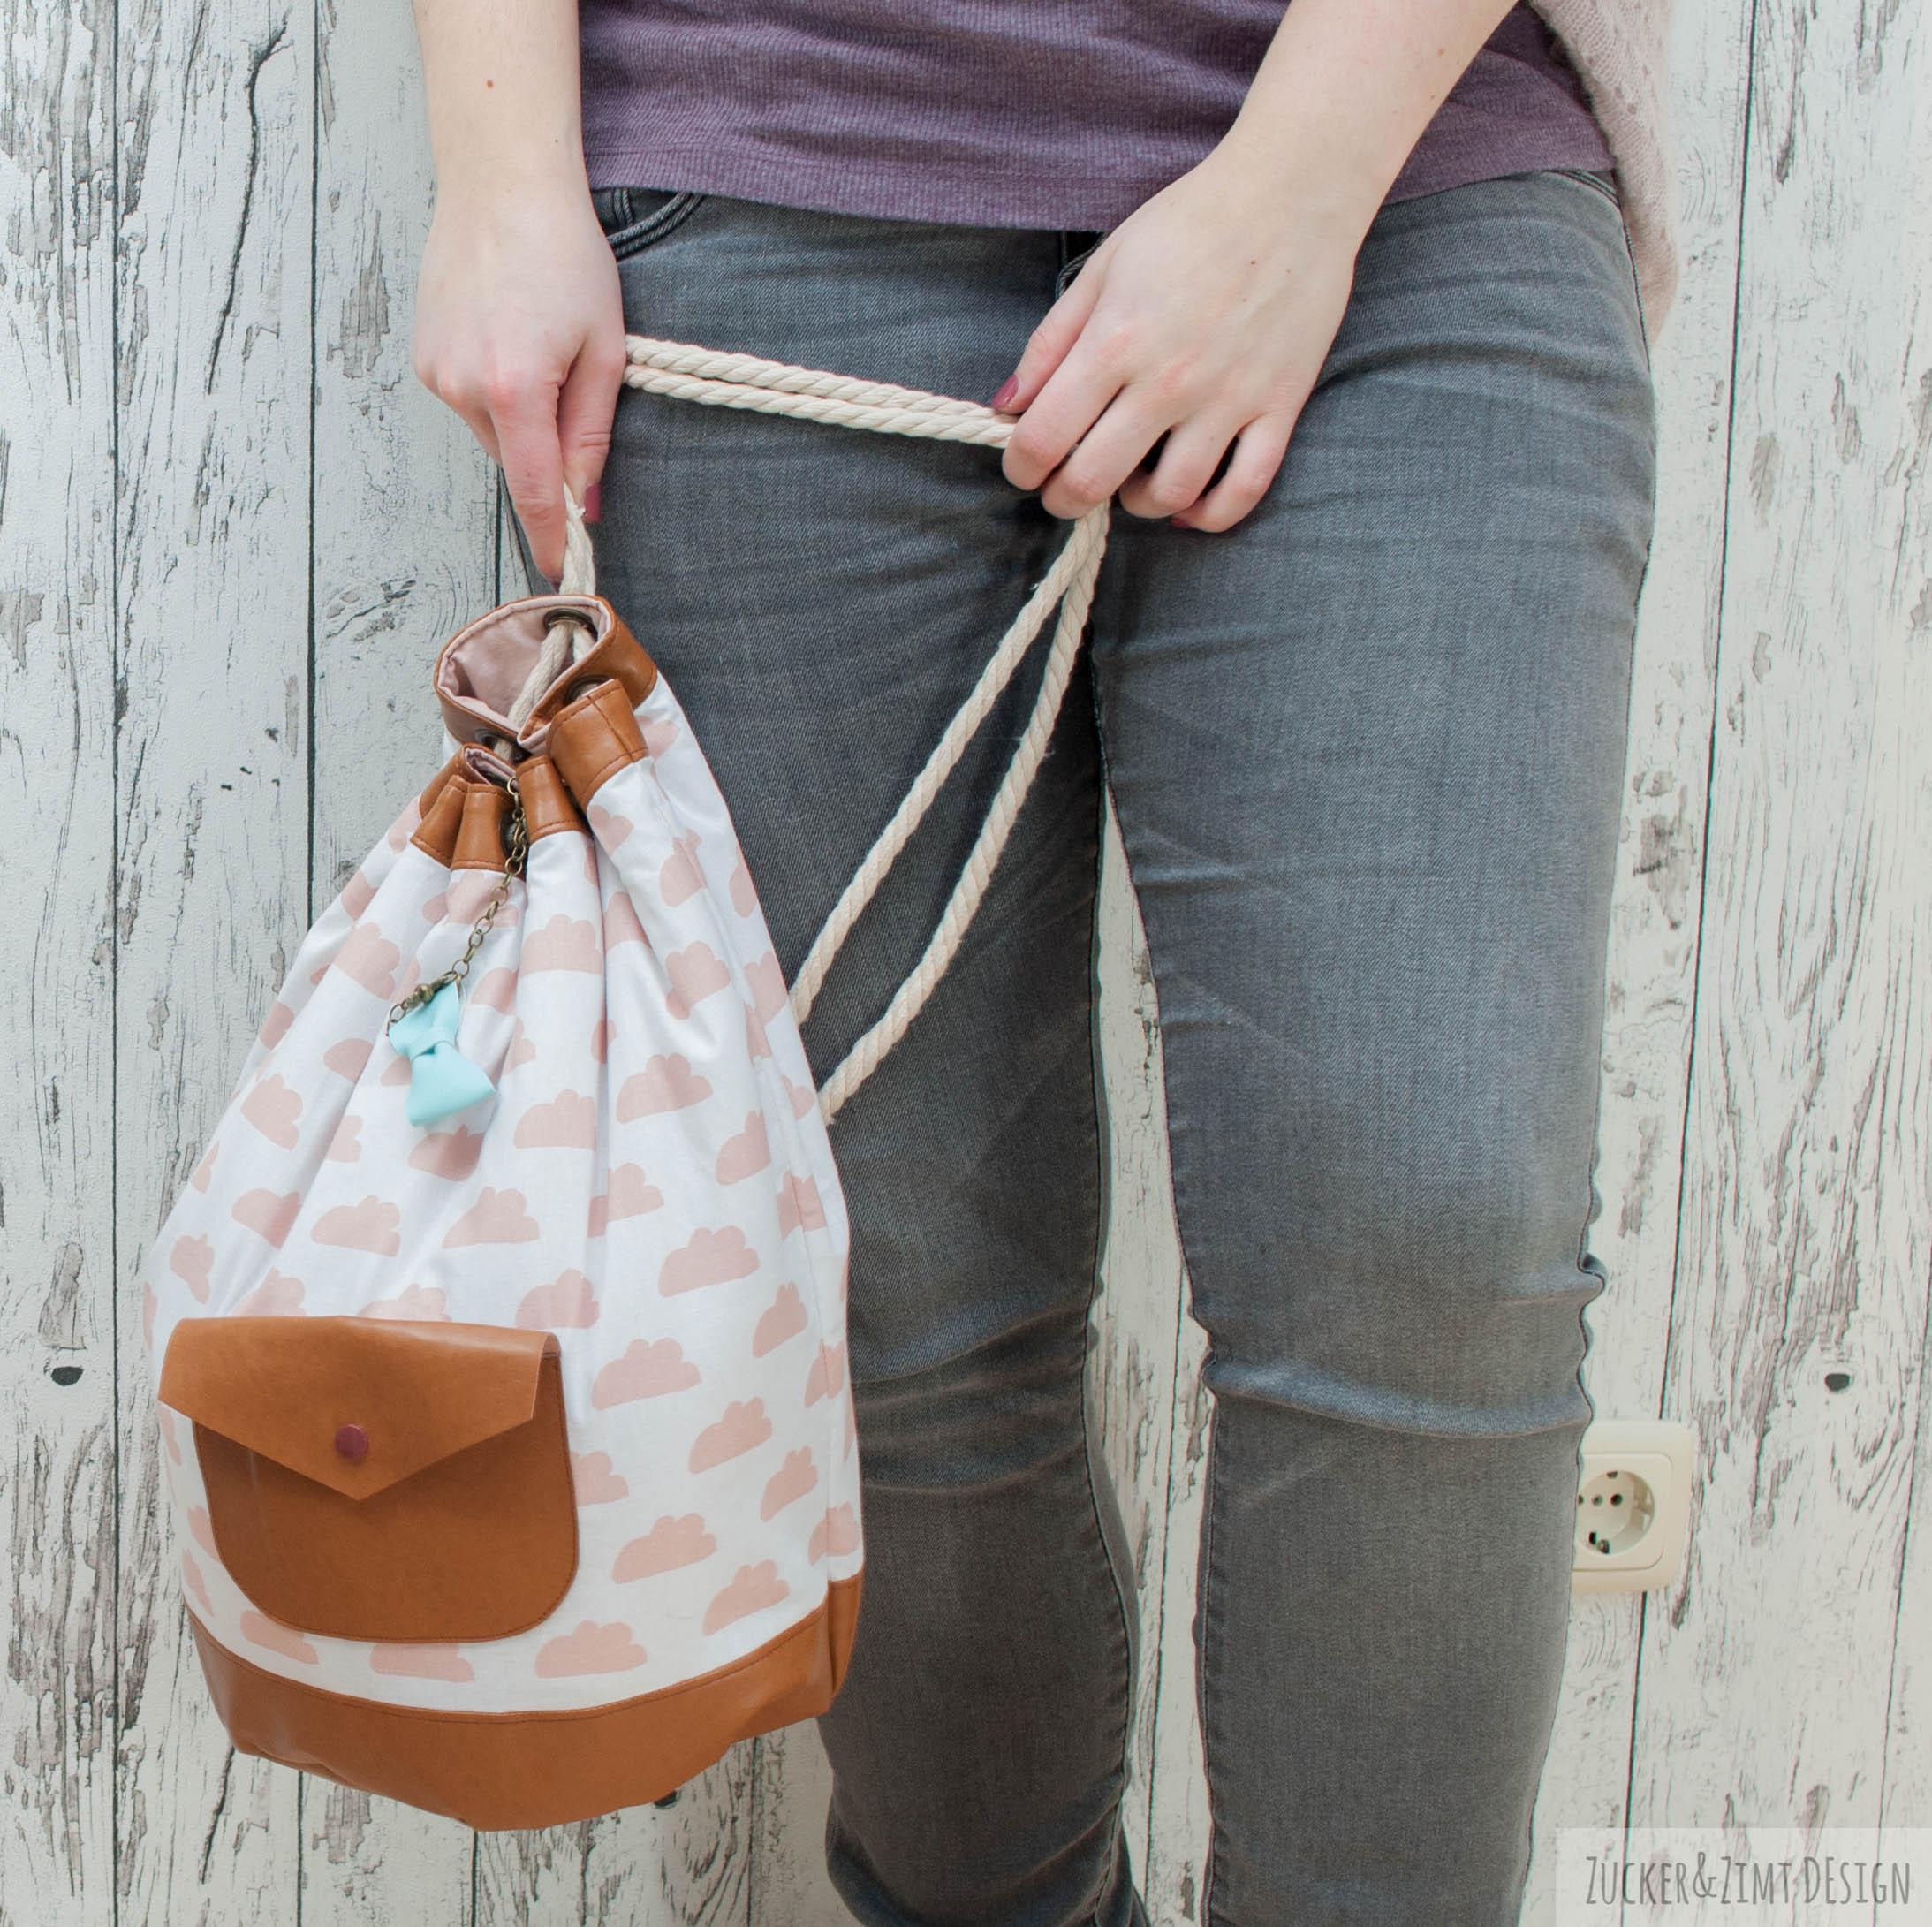 buchtipp ledertasche einfach selber n hen zucker und zimt design. Black Bedroom Furniture Sets. Home Design Ideas